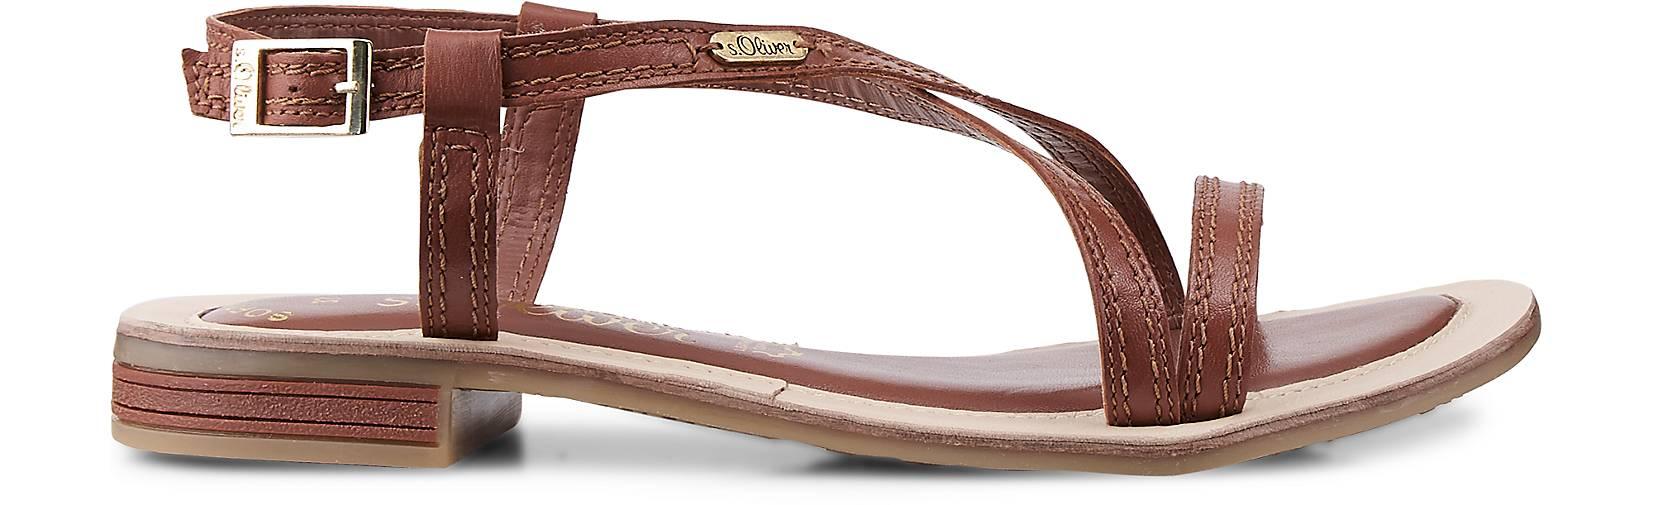 s.Oliver Riemchen-Sandale in braun-mittel GÖRTZ kaufen - 47435302 | GÖRTZ braun-mittel 18bc27